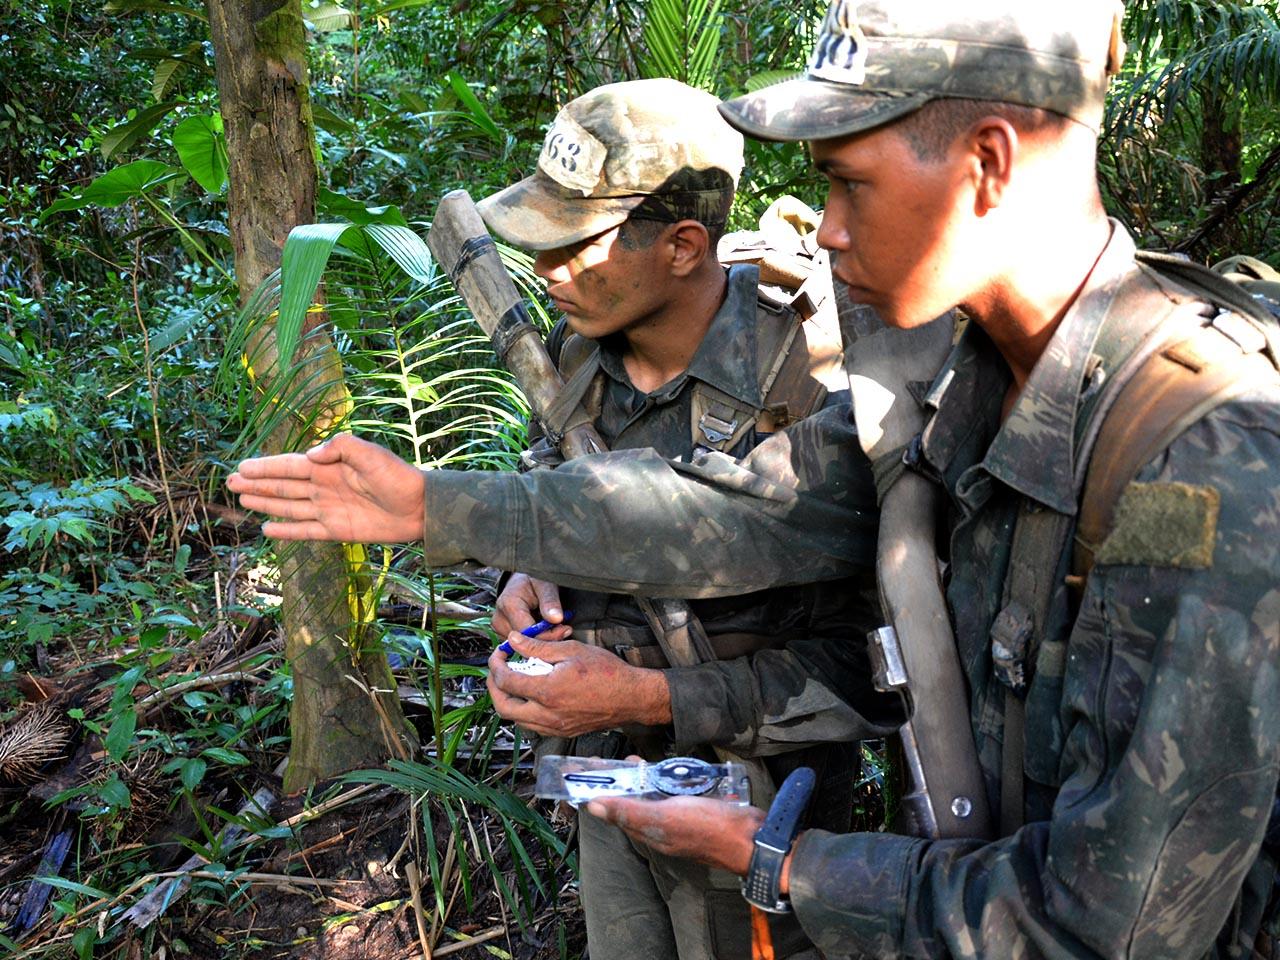 10º Grupo de Artilharia de Campanha de Selva encerra estágio que prepara combatentes para atuação no ambiente amazônico